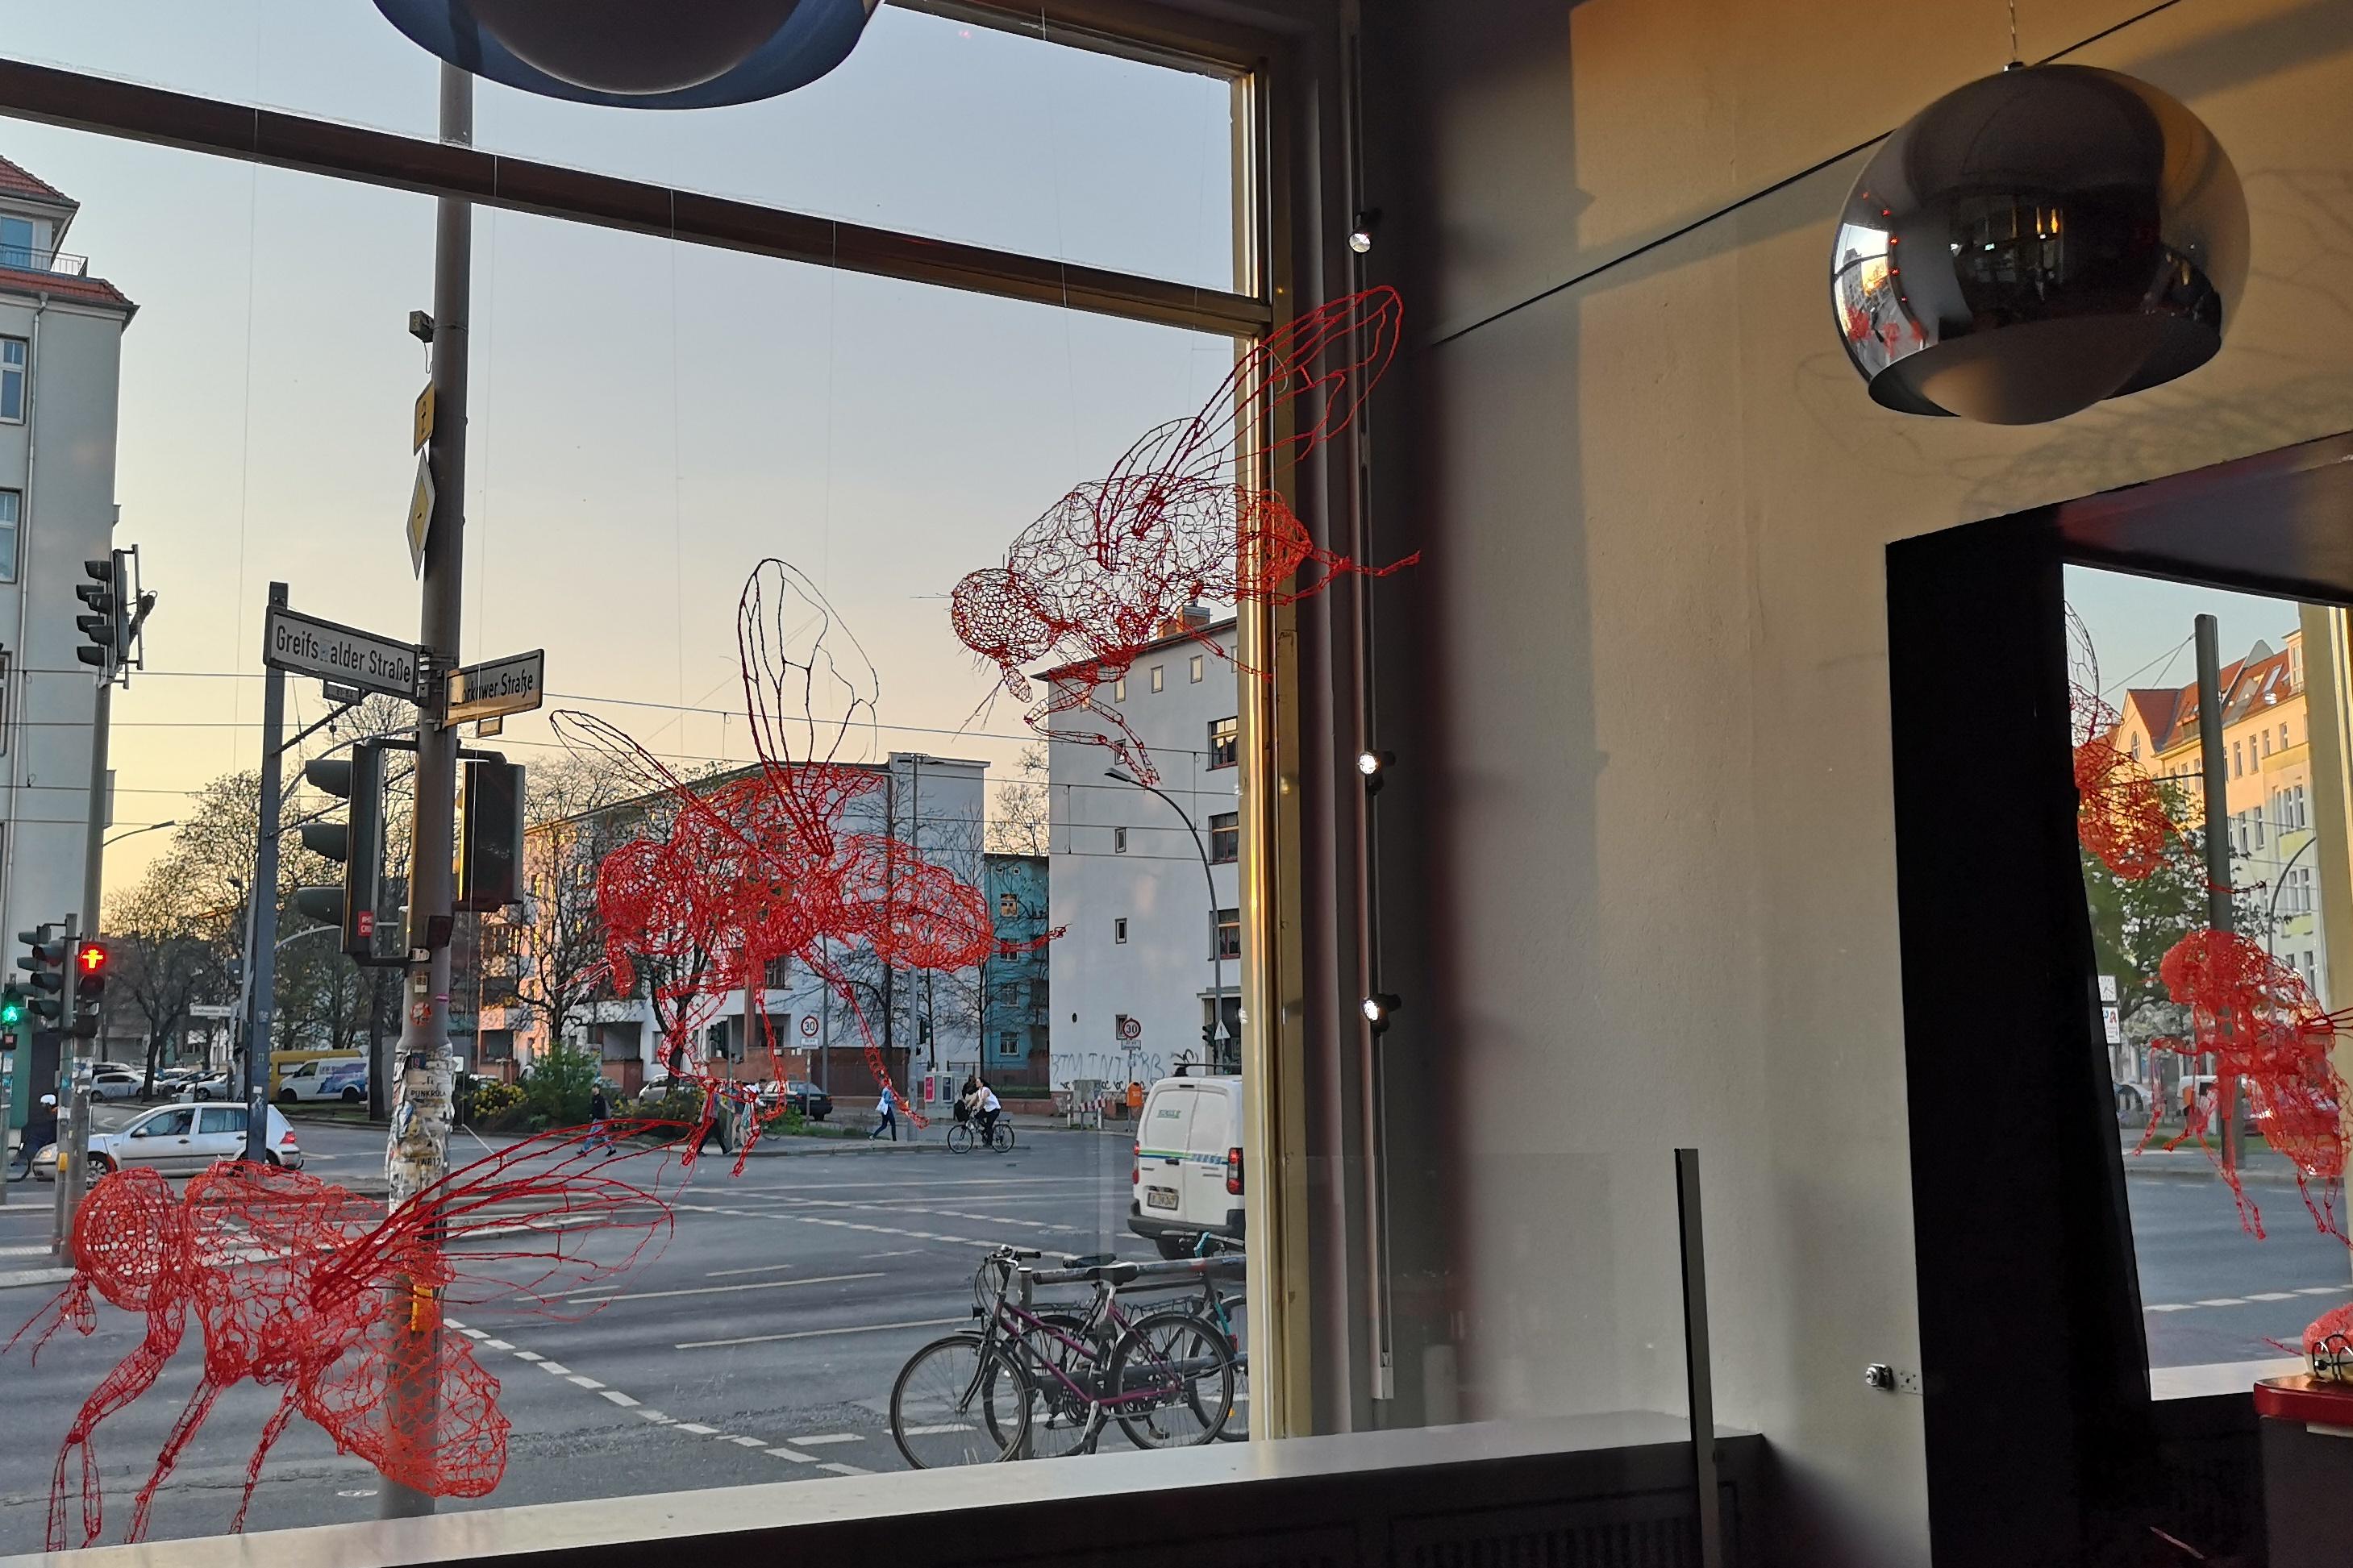 Aus filigranem rotem Plastik bestehende großformatige Fliegen in den Fenstern der Schaubude, Sicht aus dem Foyer